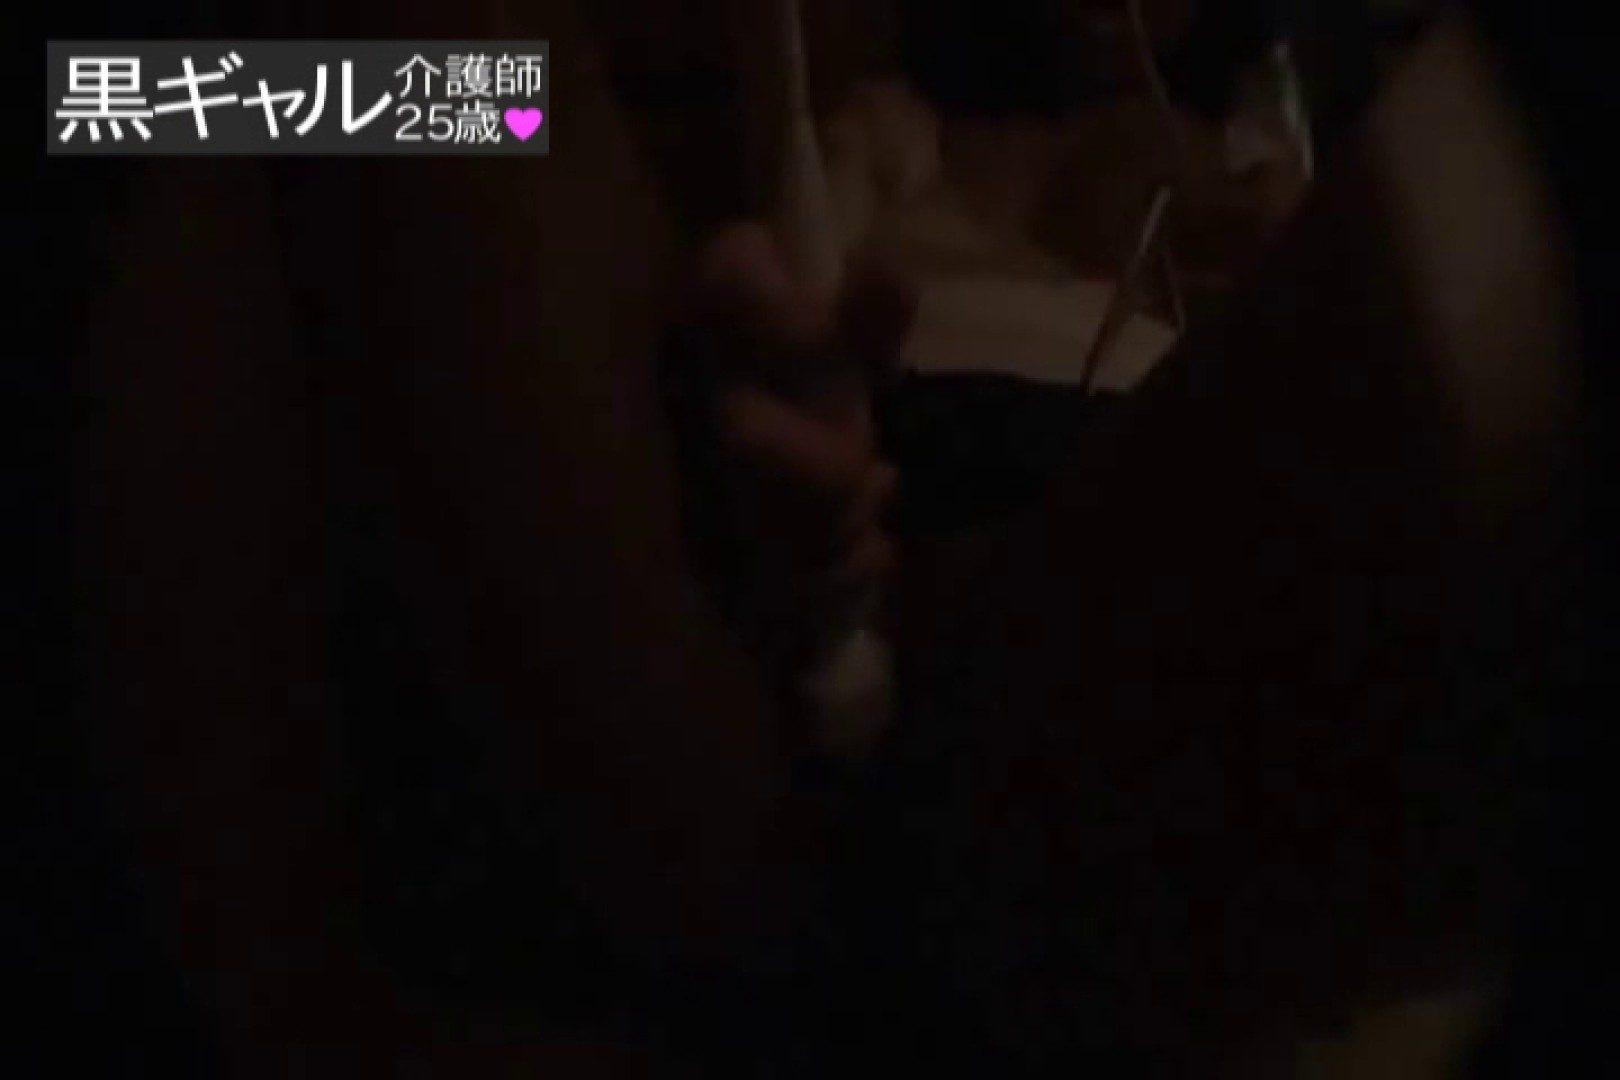 独占入手 従順M黒ギャル介護師25歳vol.3 ナンパ | 車  91連発 12